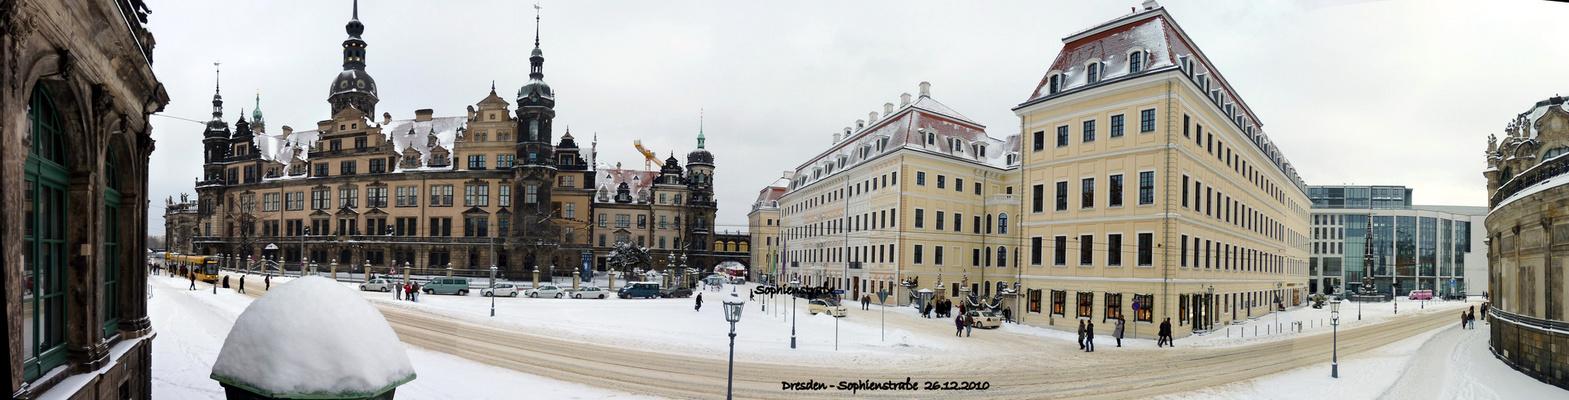 Winter auf der Sophienstraße